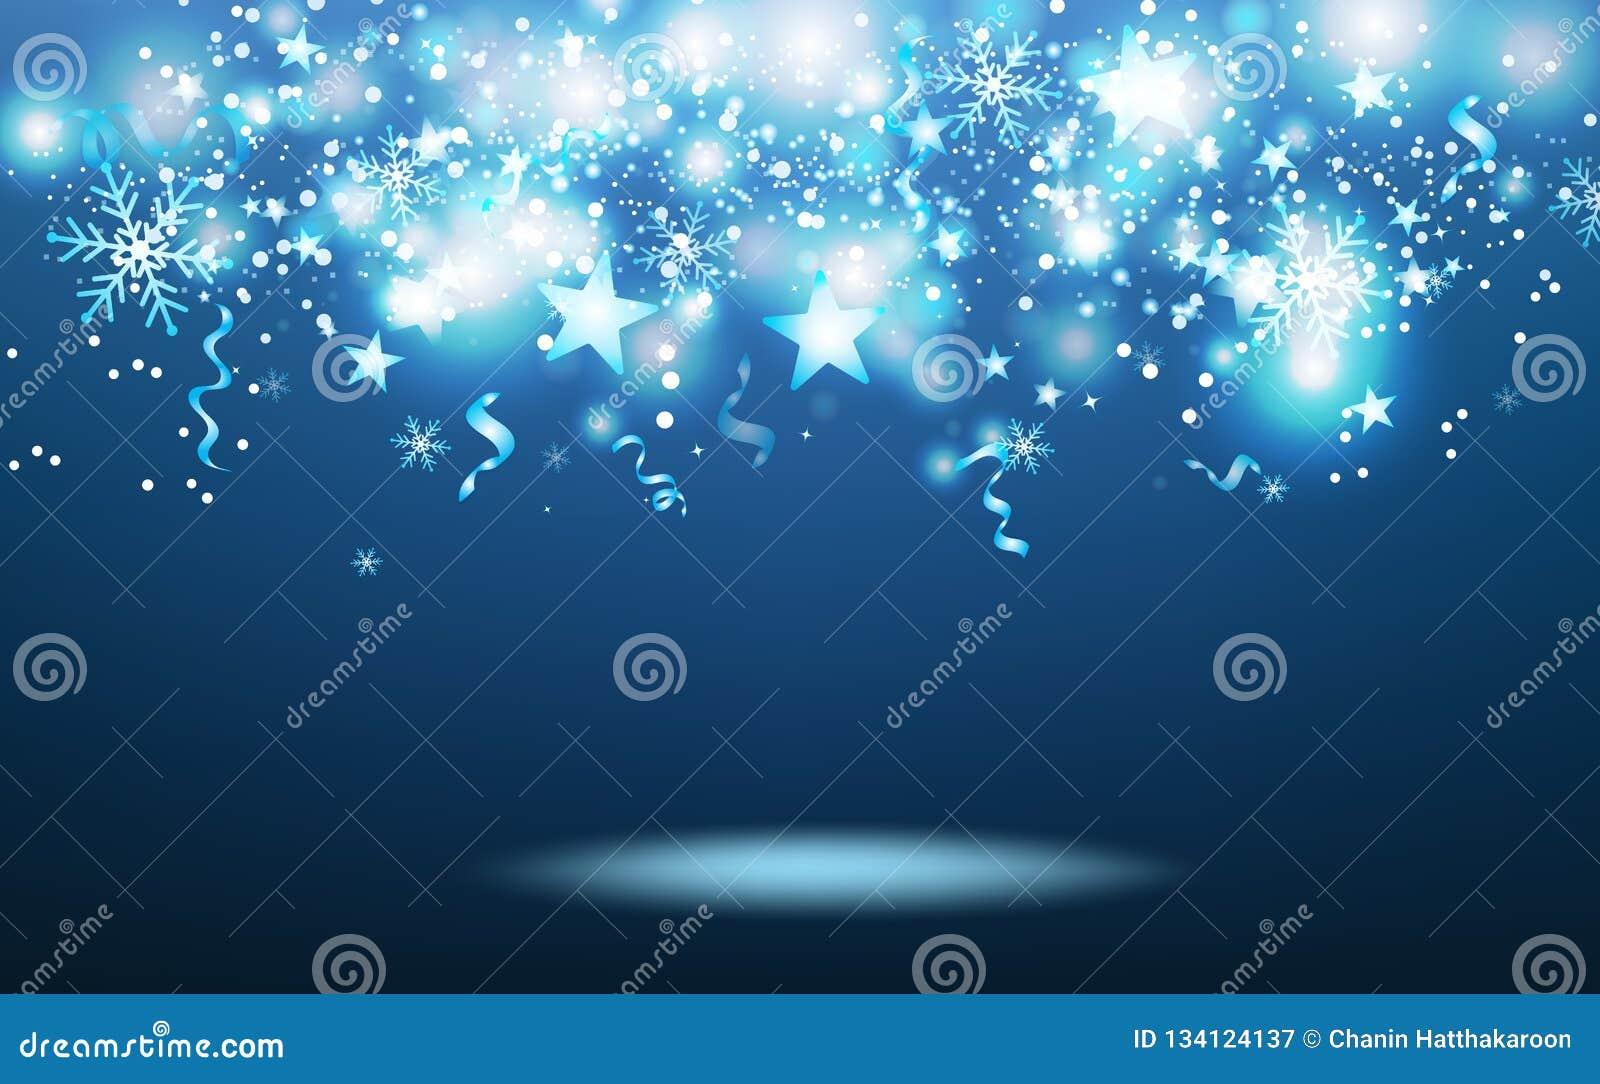 Estrellas fugaces mágicas azules que caen, estación del invierno, confeti de la explosión de las estrellas, copos de nieve y cint